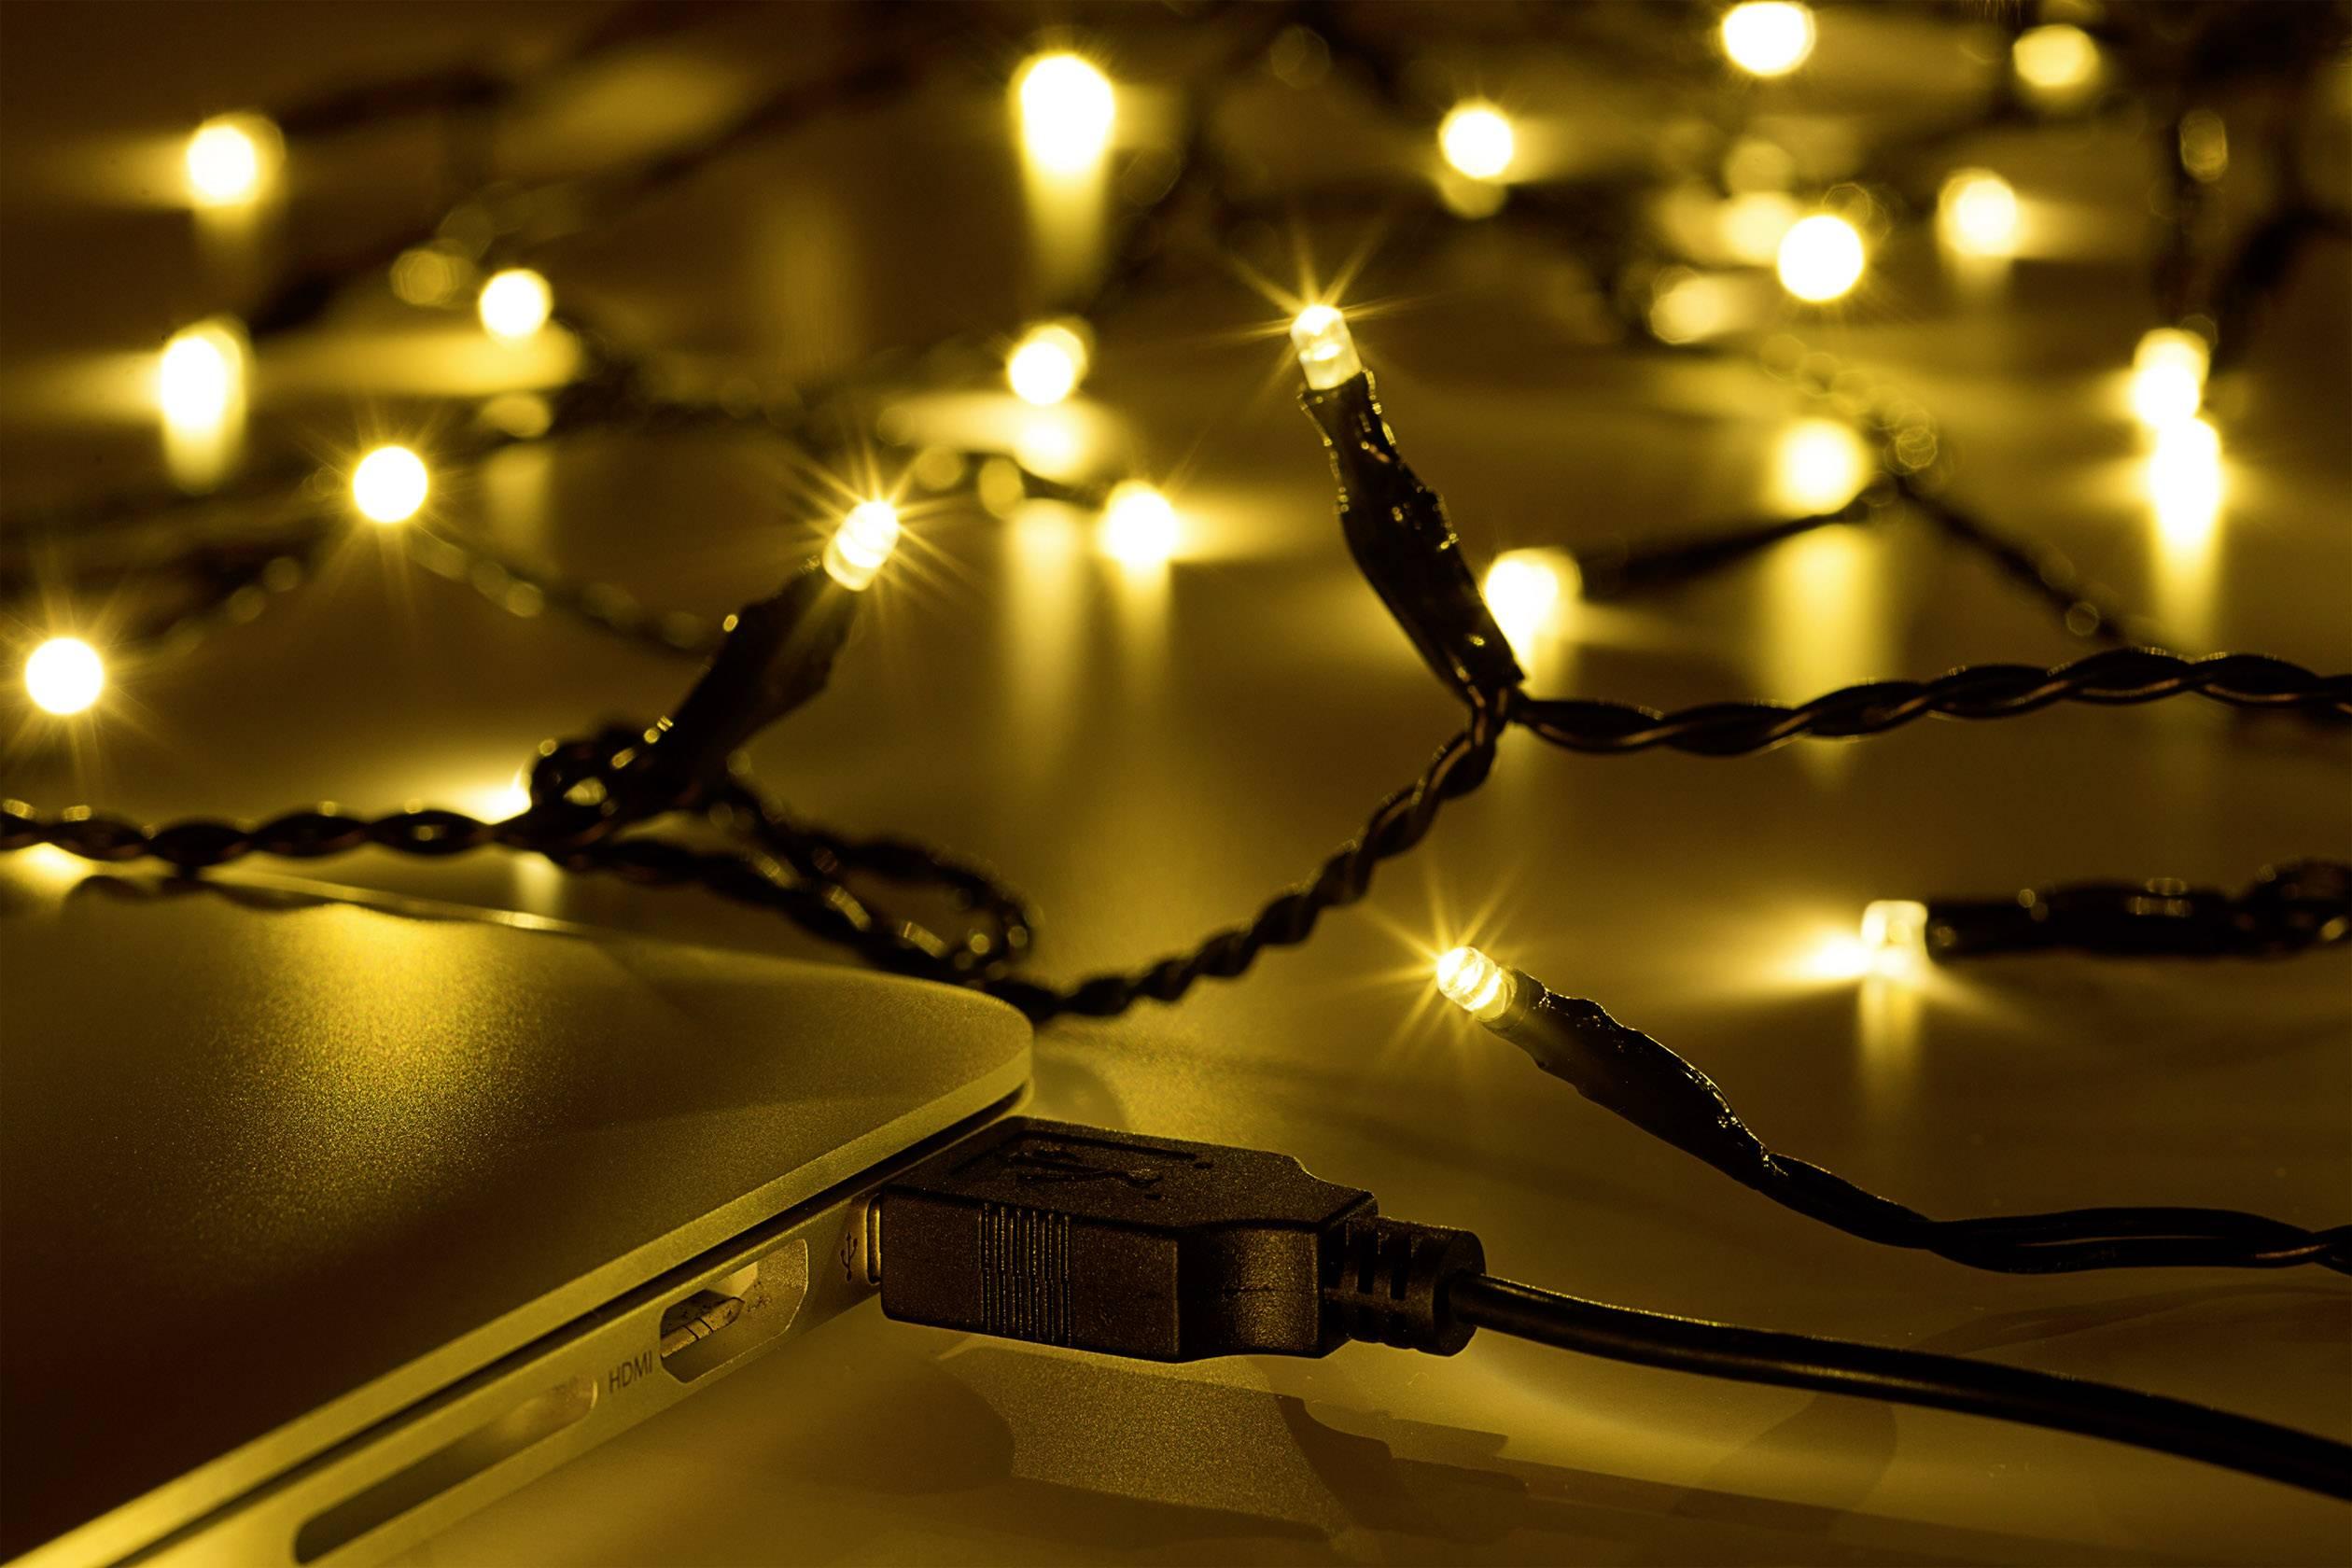 LED mikro světelný řetěz Polarlite LLC-06-002;LLC-06-002, vnitřní, napájení přes USB, LED 40, teplá bílá, 4.4 m